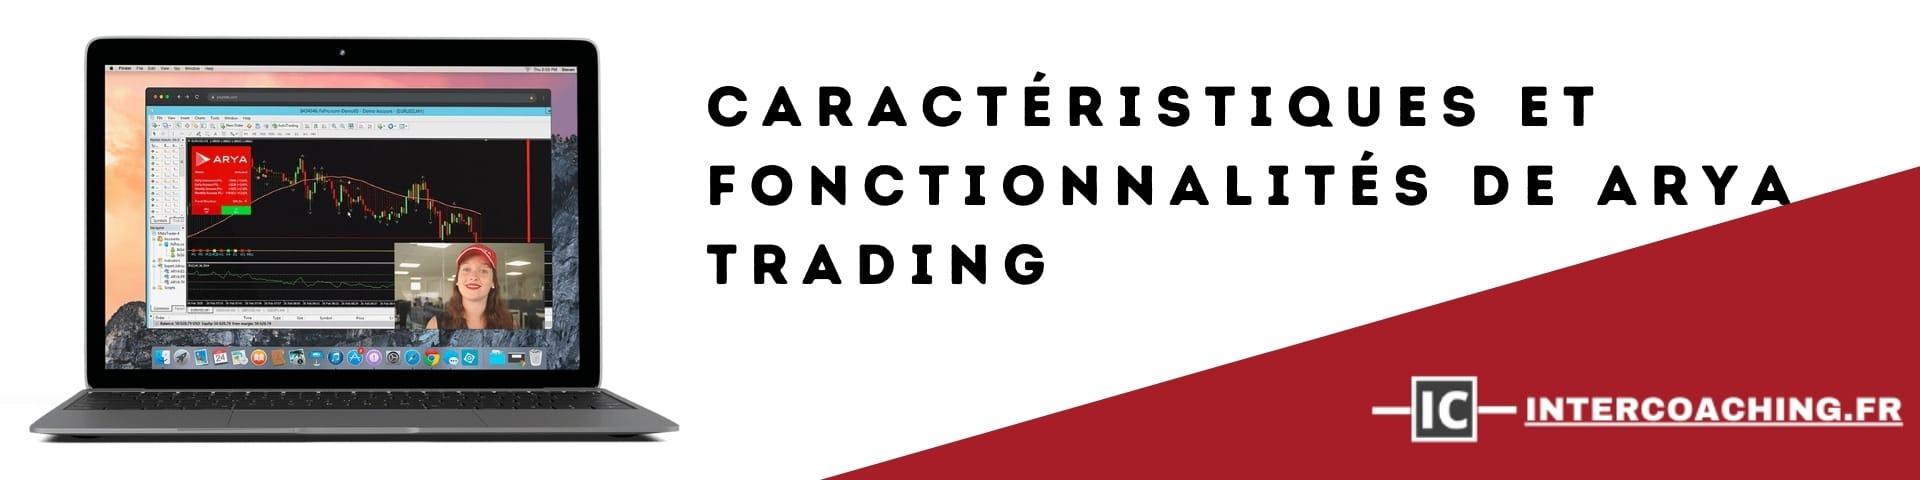 Caractéristiques et fonctionnalités de Arya Trading